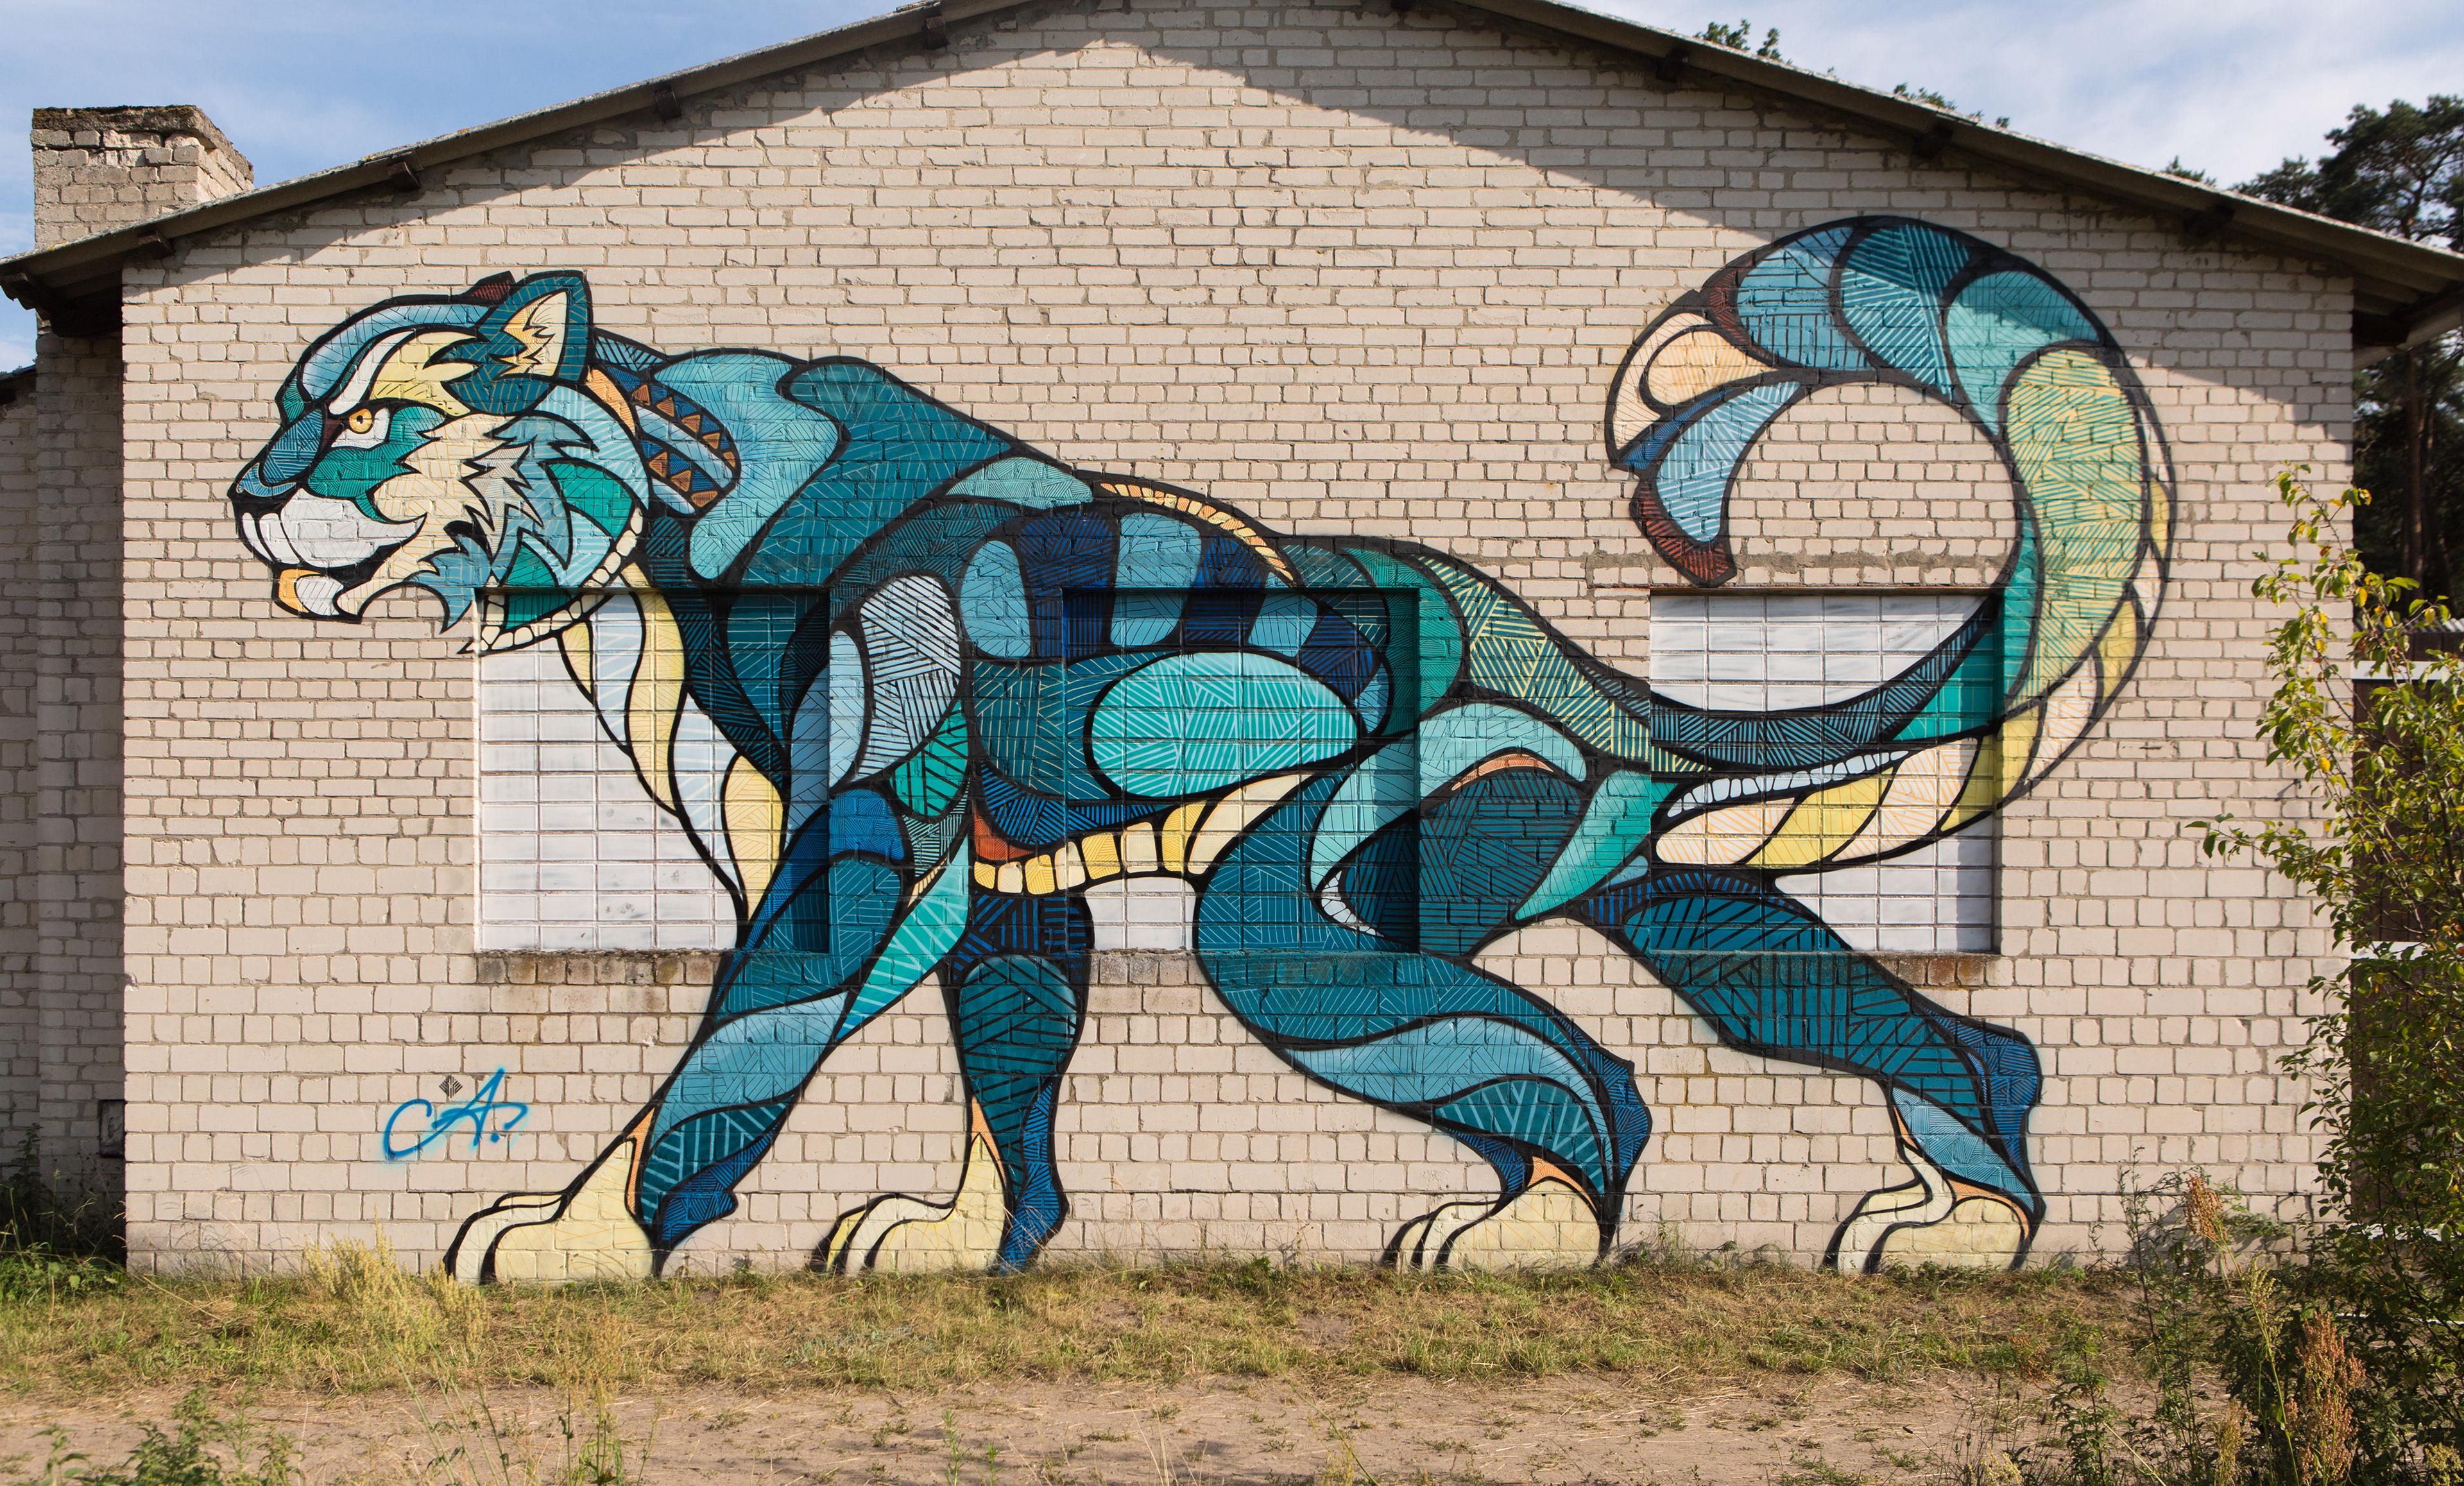 Andreas preis funky cattt mural for Thank you mural